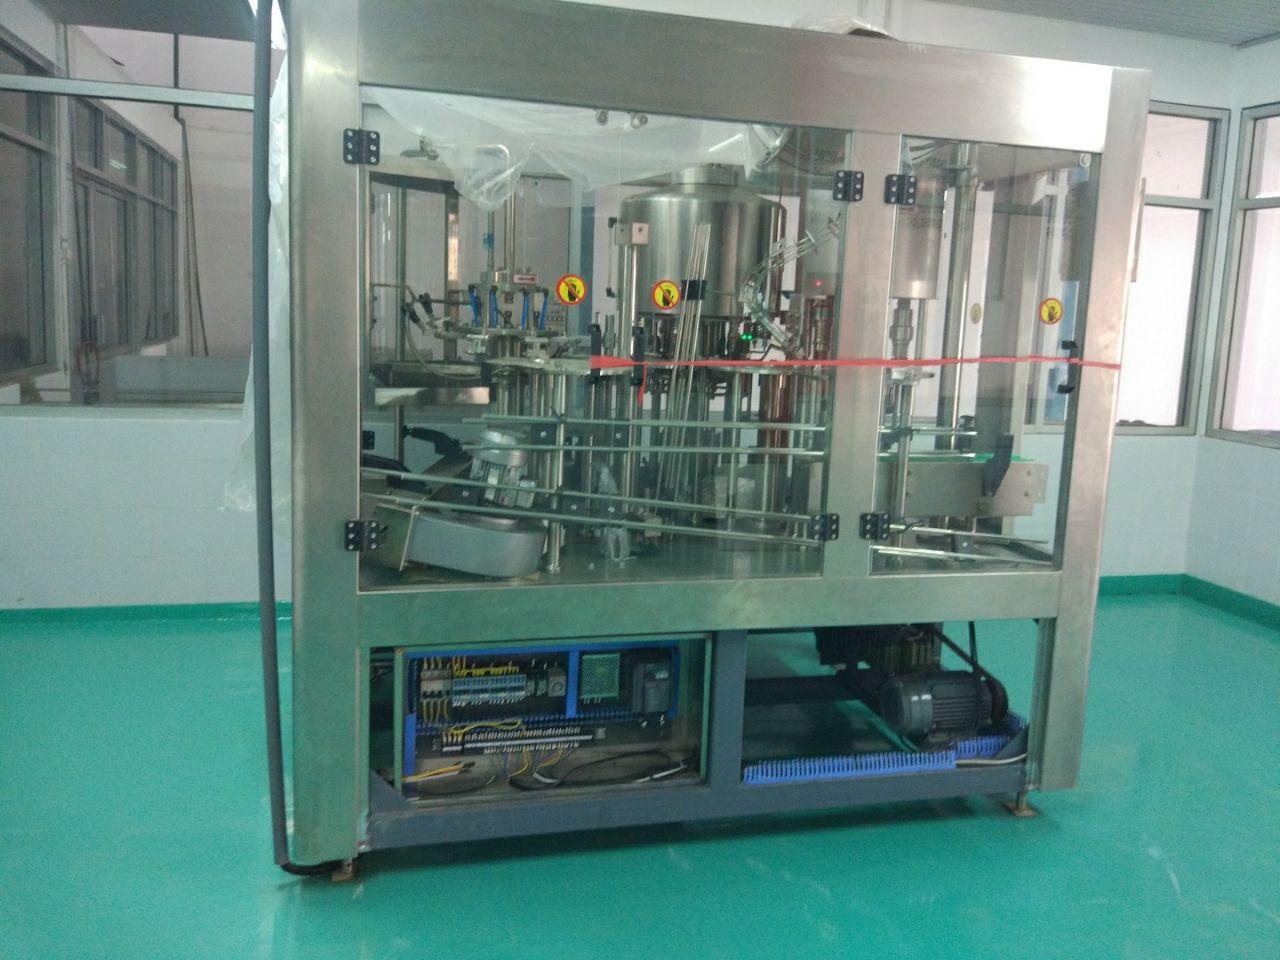 Pabrik Amdk Fujiro Bukan Air Minum Biasa Menakjubkan Tissue Galon 6 4